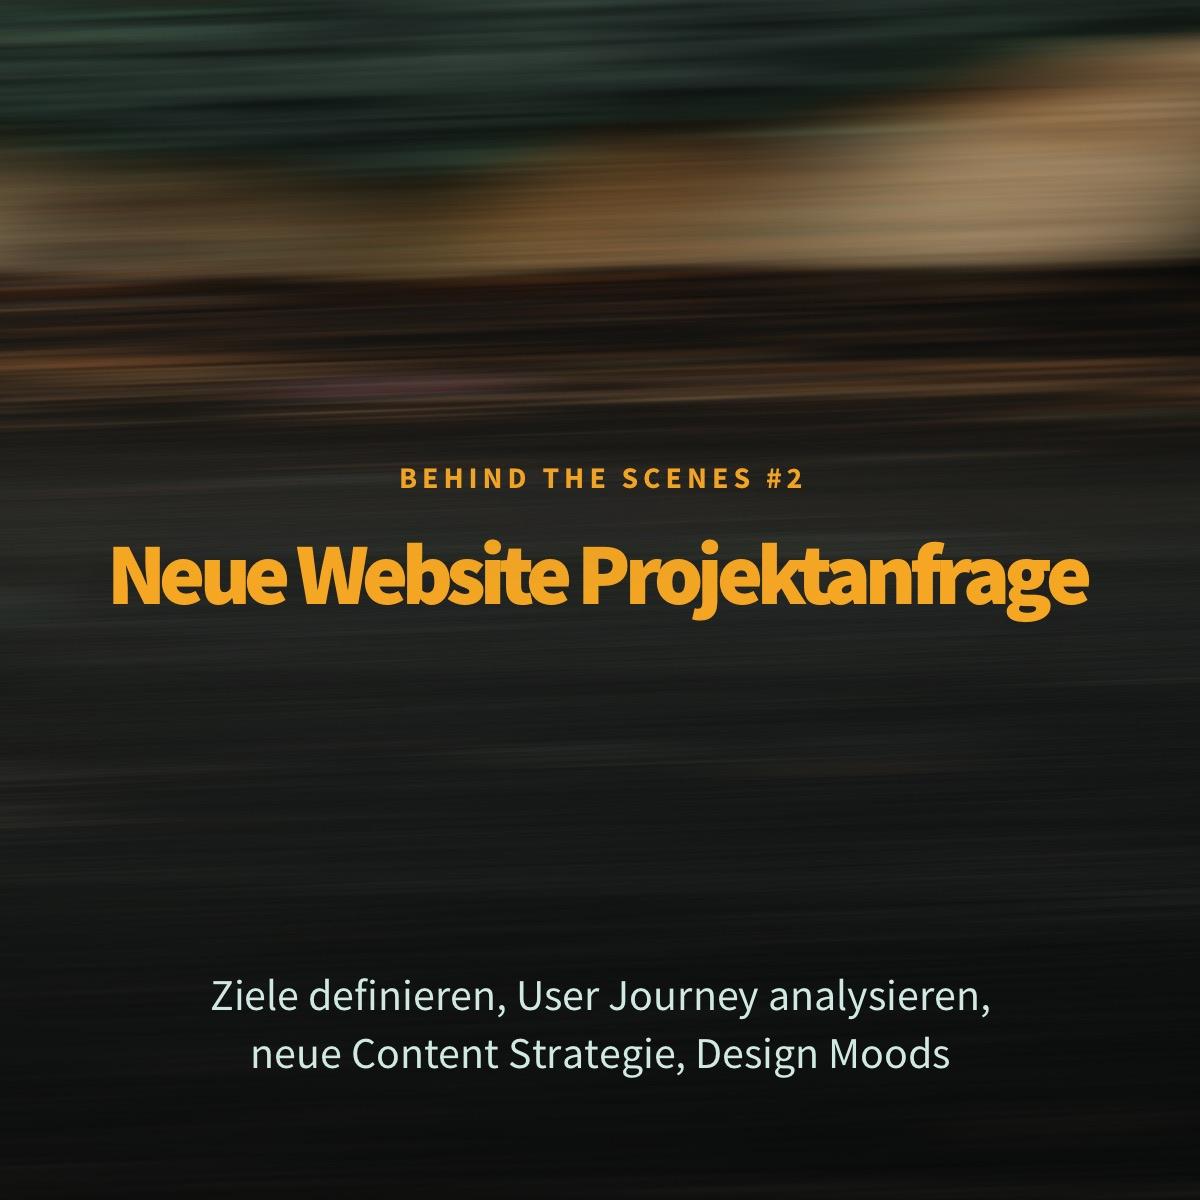 Neuer Kundenauftrag: Ziele definieren, User Journey analysieren, neue Content Strategie, Design Moods (Teil 2)